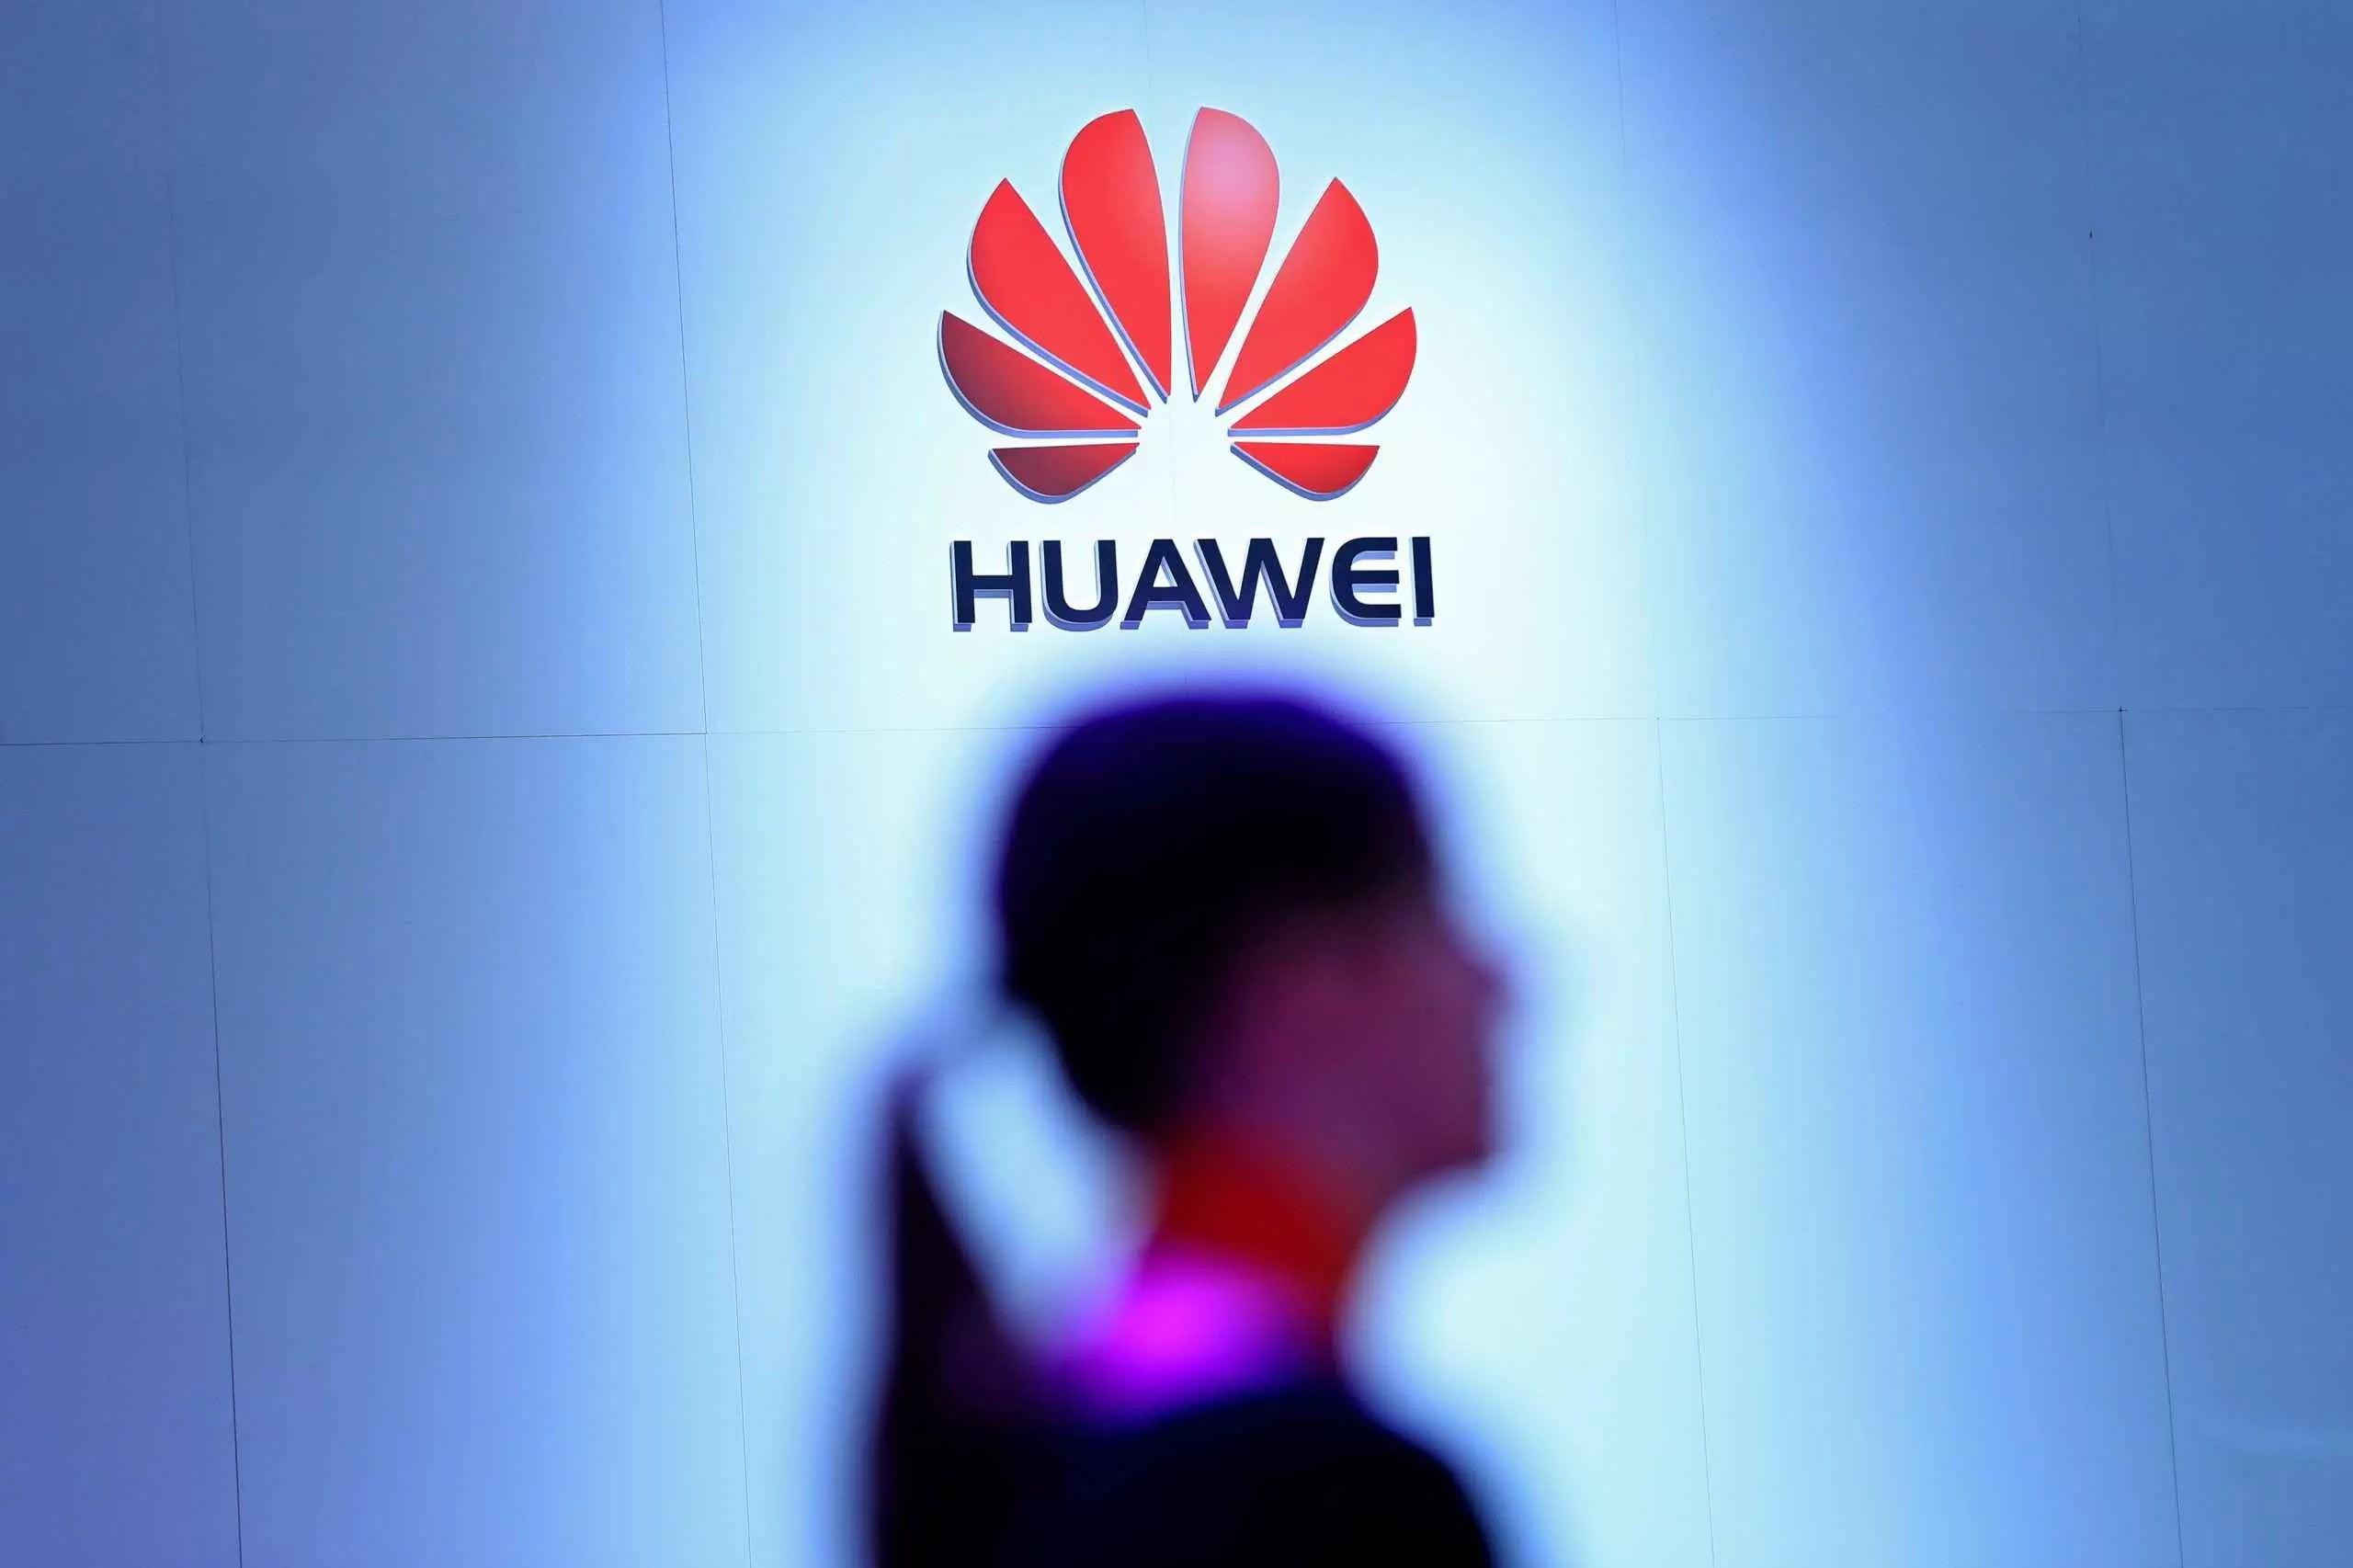 bán hàng smartphones Tại Trung Quốc, nó đã giảm 22% trong quý đầu tiên và Huawei đã tăng vị trí lãnh đạo 1